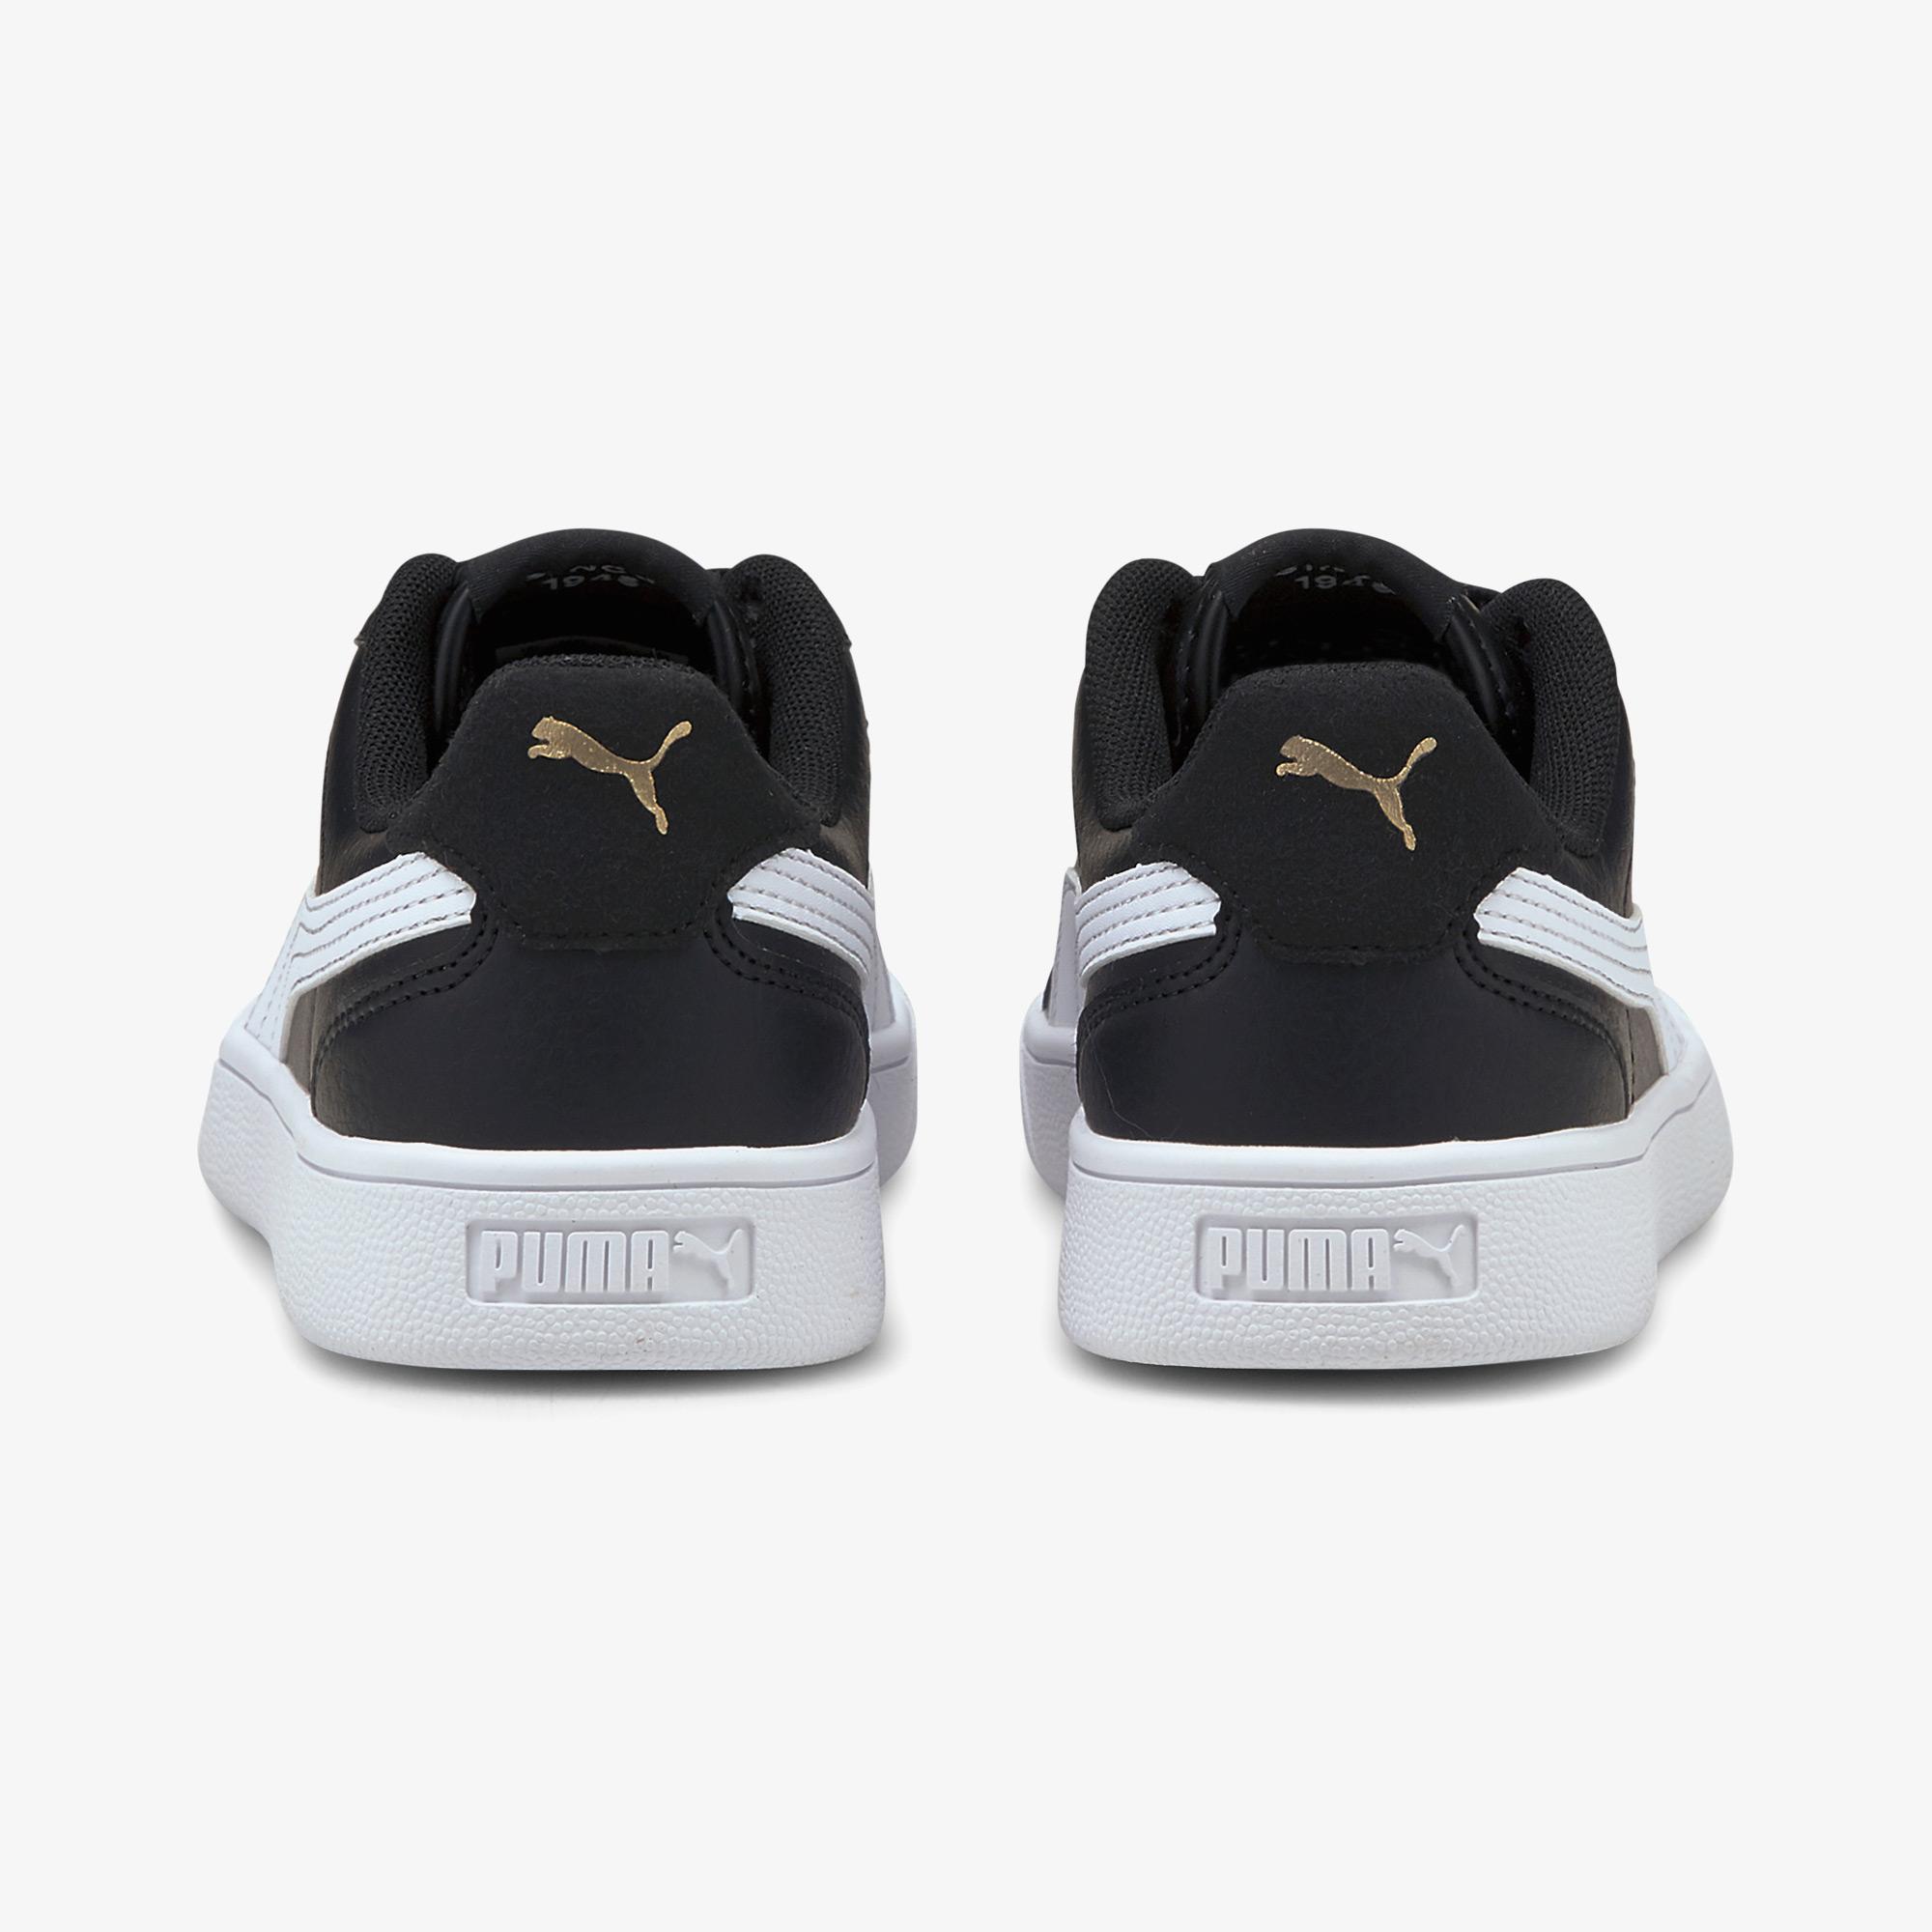 Puma Shuffle Kadın Siyah Spor Ayakkabı